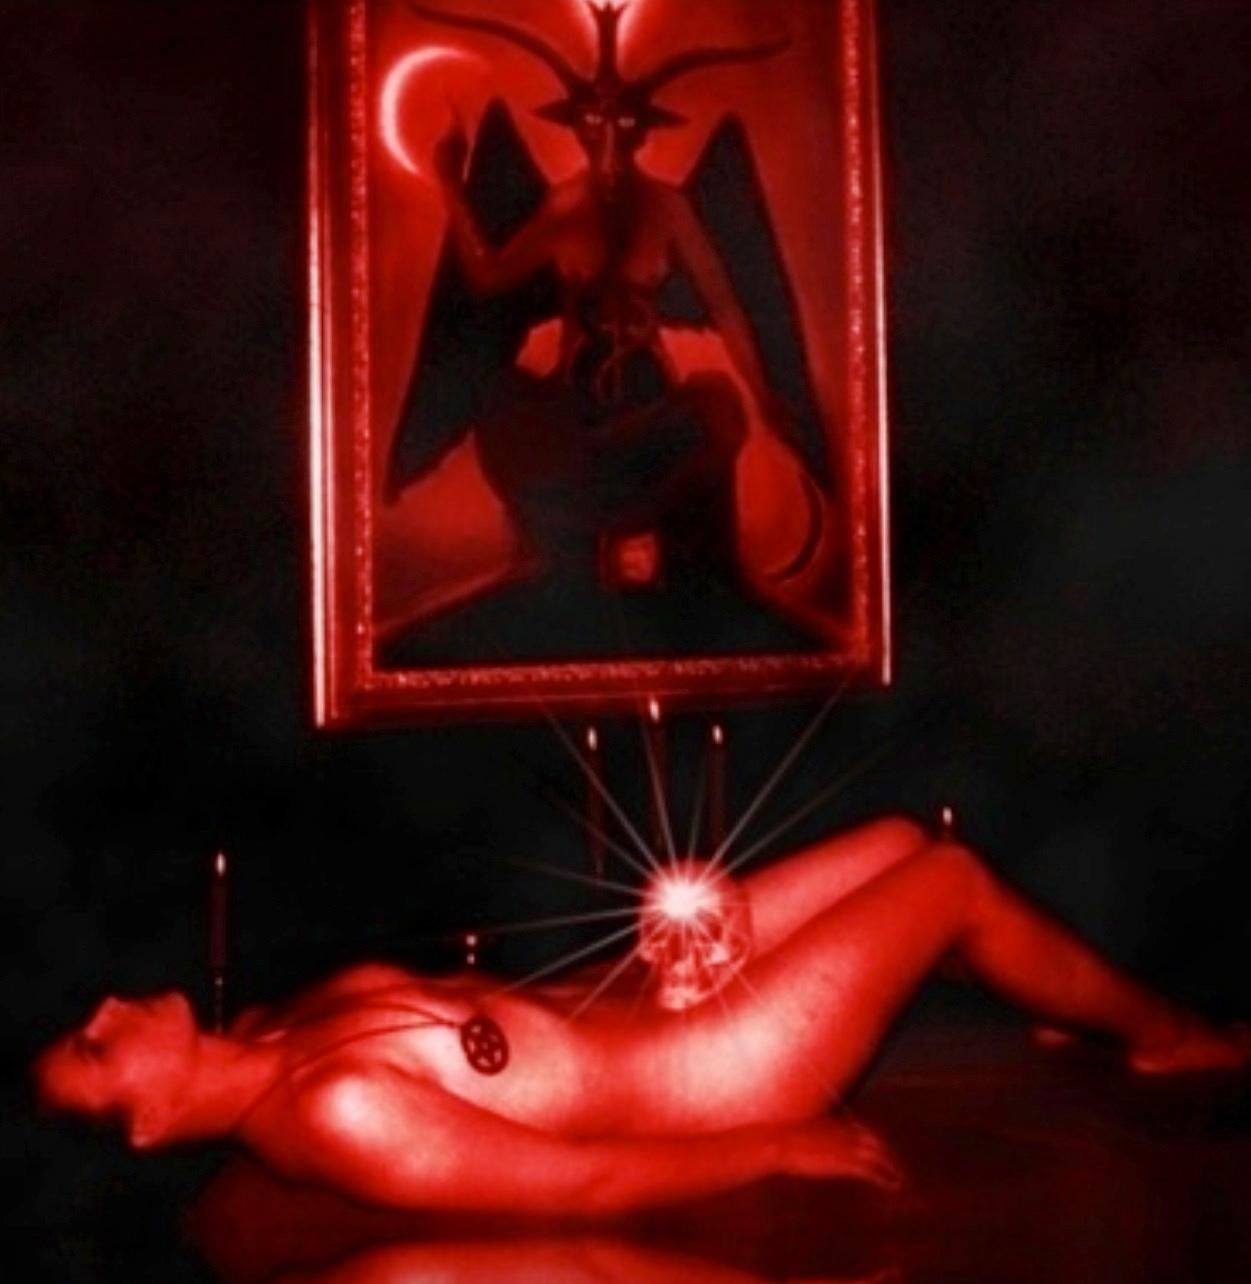 【トラウマ注意】女を生贄にする海外のガチ儀式がマジで足が震えるレベルな件・・・(画像27枚)・13枚目